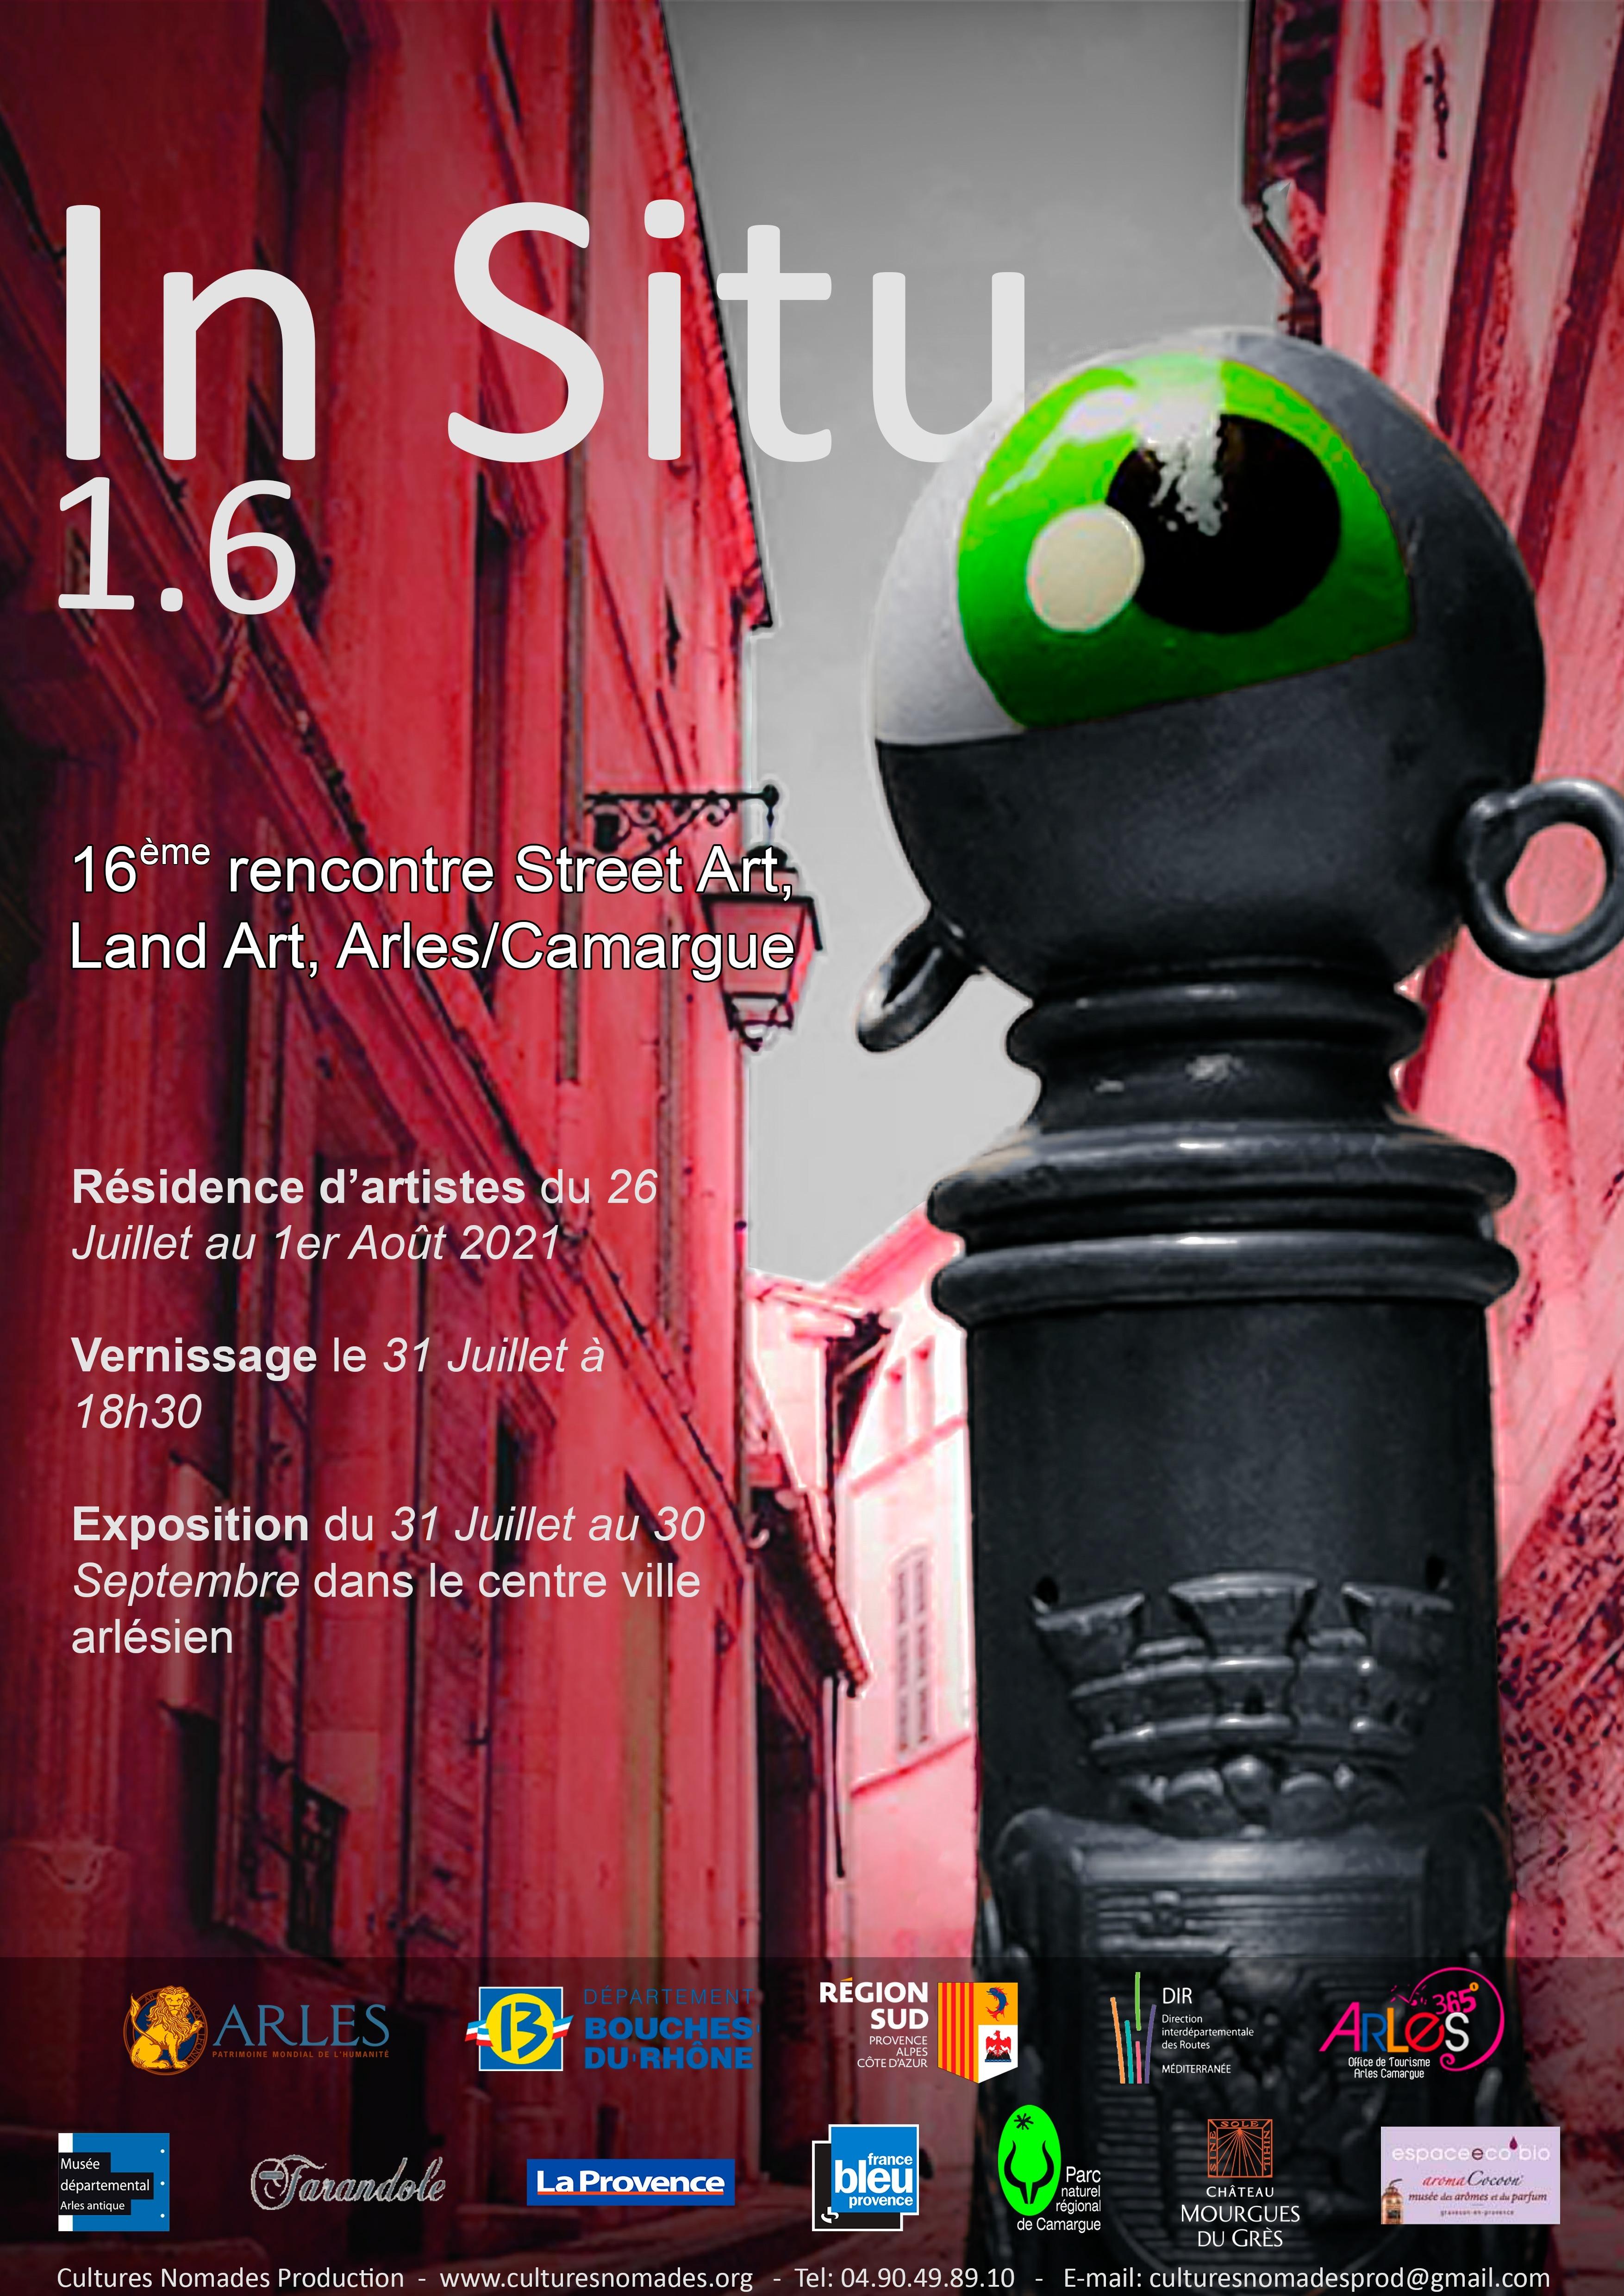 Réunissant des artistes de Street art et de Land Art, « In Situ1.6 » accueillera de multiples installations et créations artistiques qui seront présentées dans lieux publics arlésiens et camarguais.